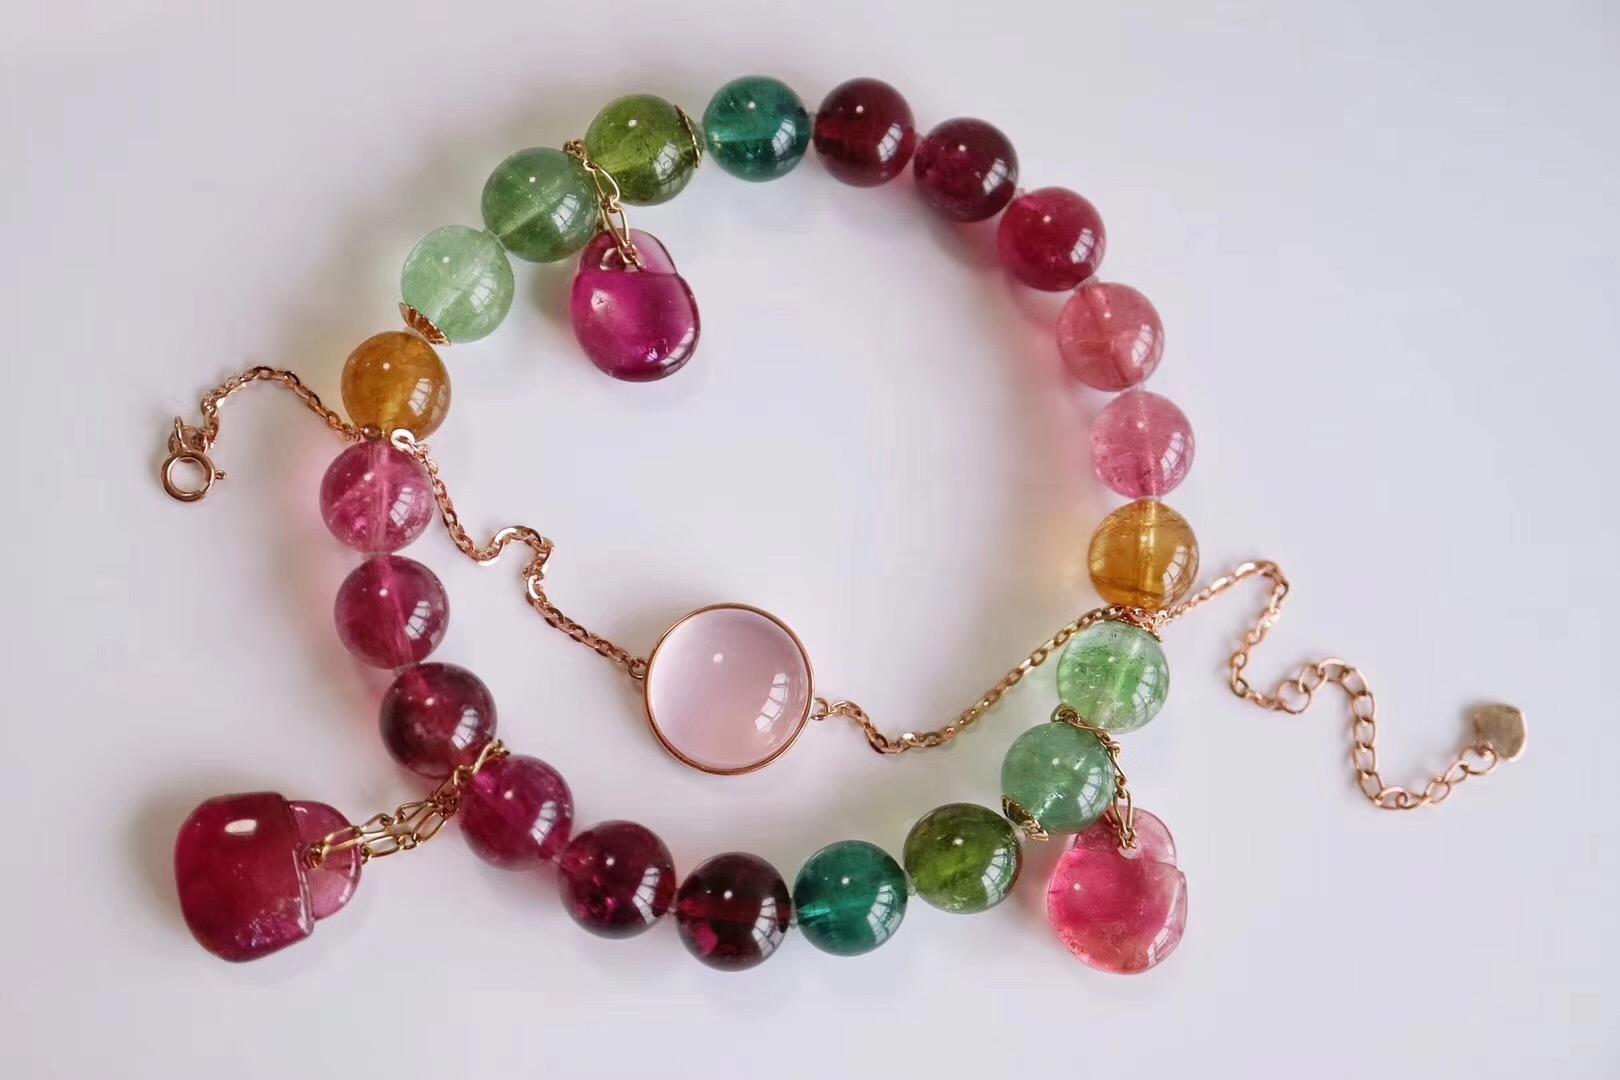 【菩心-彩虹碧玺、粉晶细链】两件美物,皆为菩心的经典~-菩心晶舍